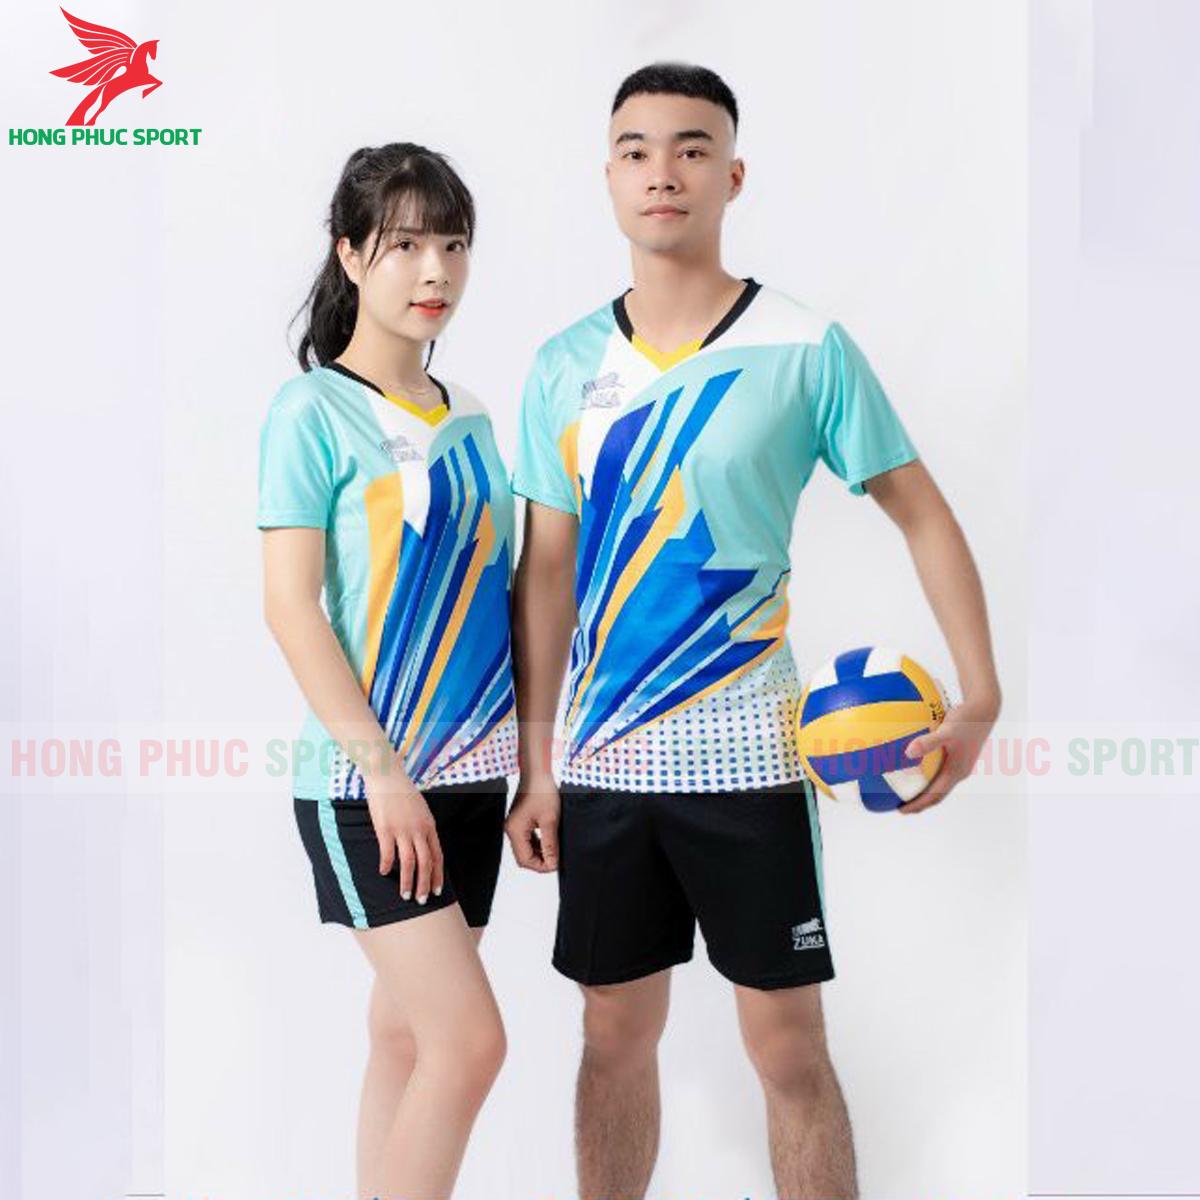 Quần áo bóng chuyền Zuka - 01 2021màu xanh ngọc (1)